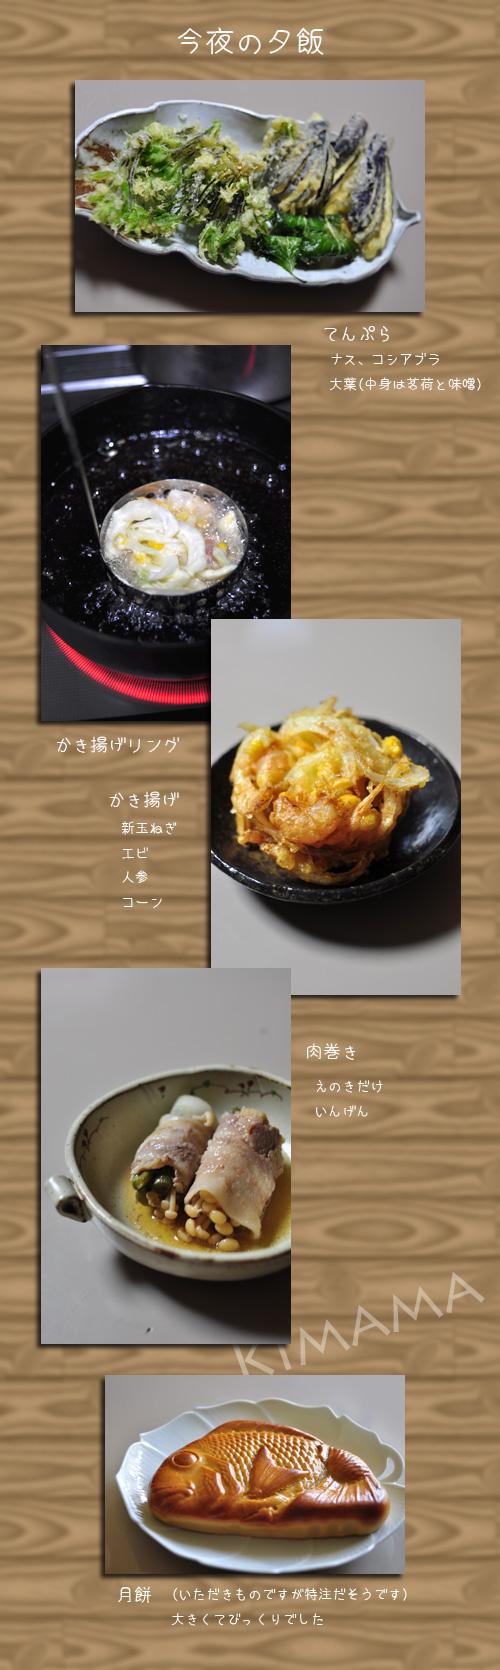 5月22日天ぷら